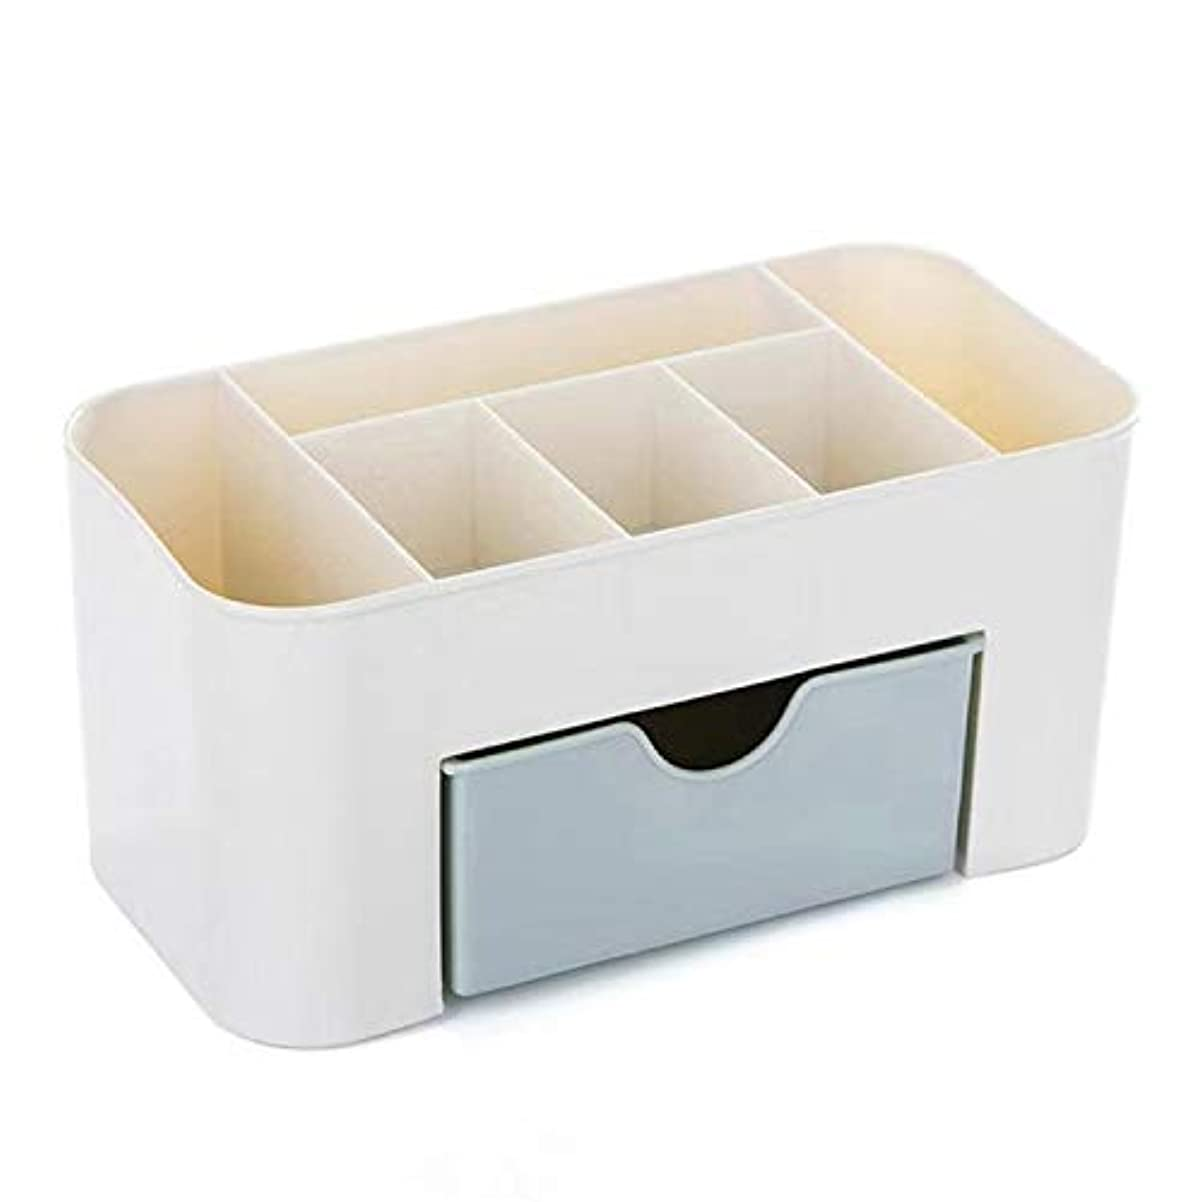 ギネス地元エスカレーターHJY スタッカブルと防水プラスチック化粧オーガナイザー、事務机文具収納ボックス化粧品ホルダー、大容量ジュエリーディスプレイケース (あいいろ)